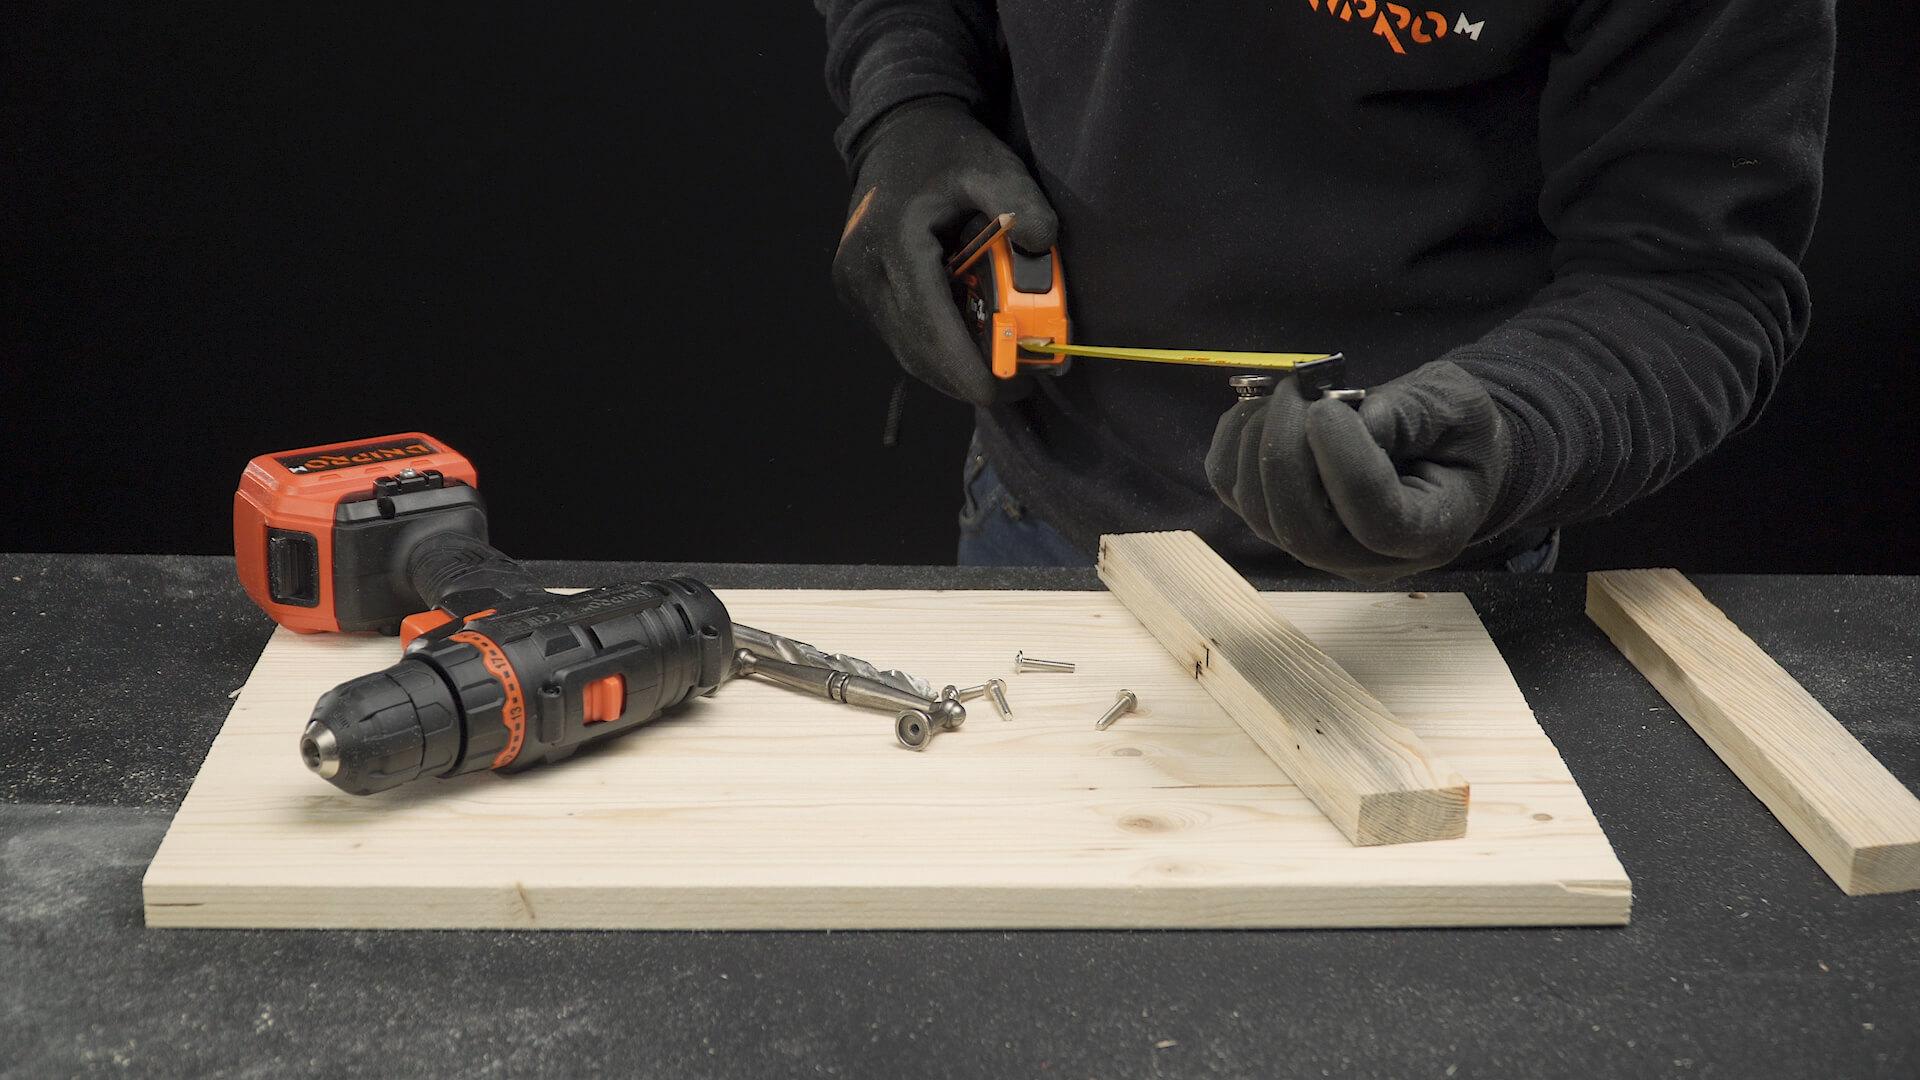 Фото-инструкция по изготовлению подноса своими руками - Шаг 8